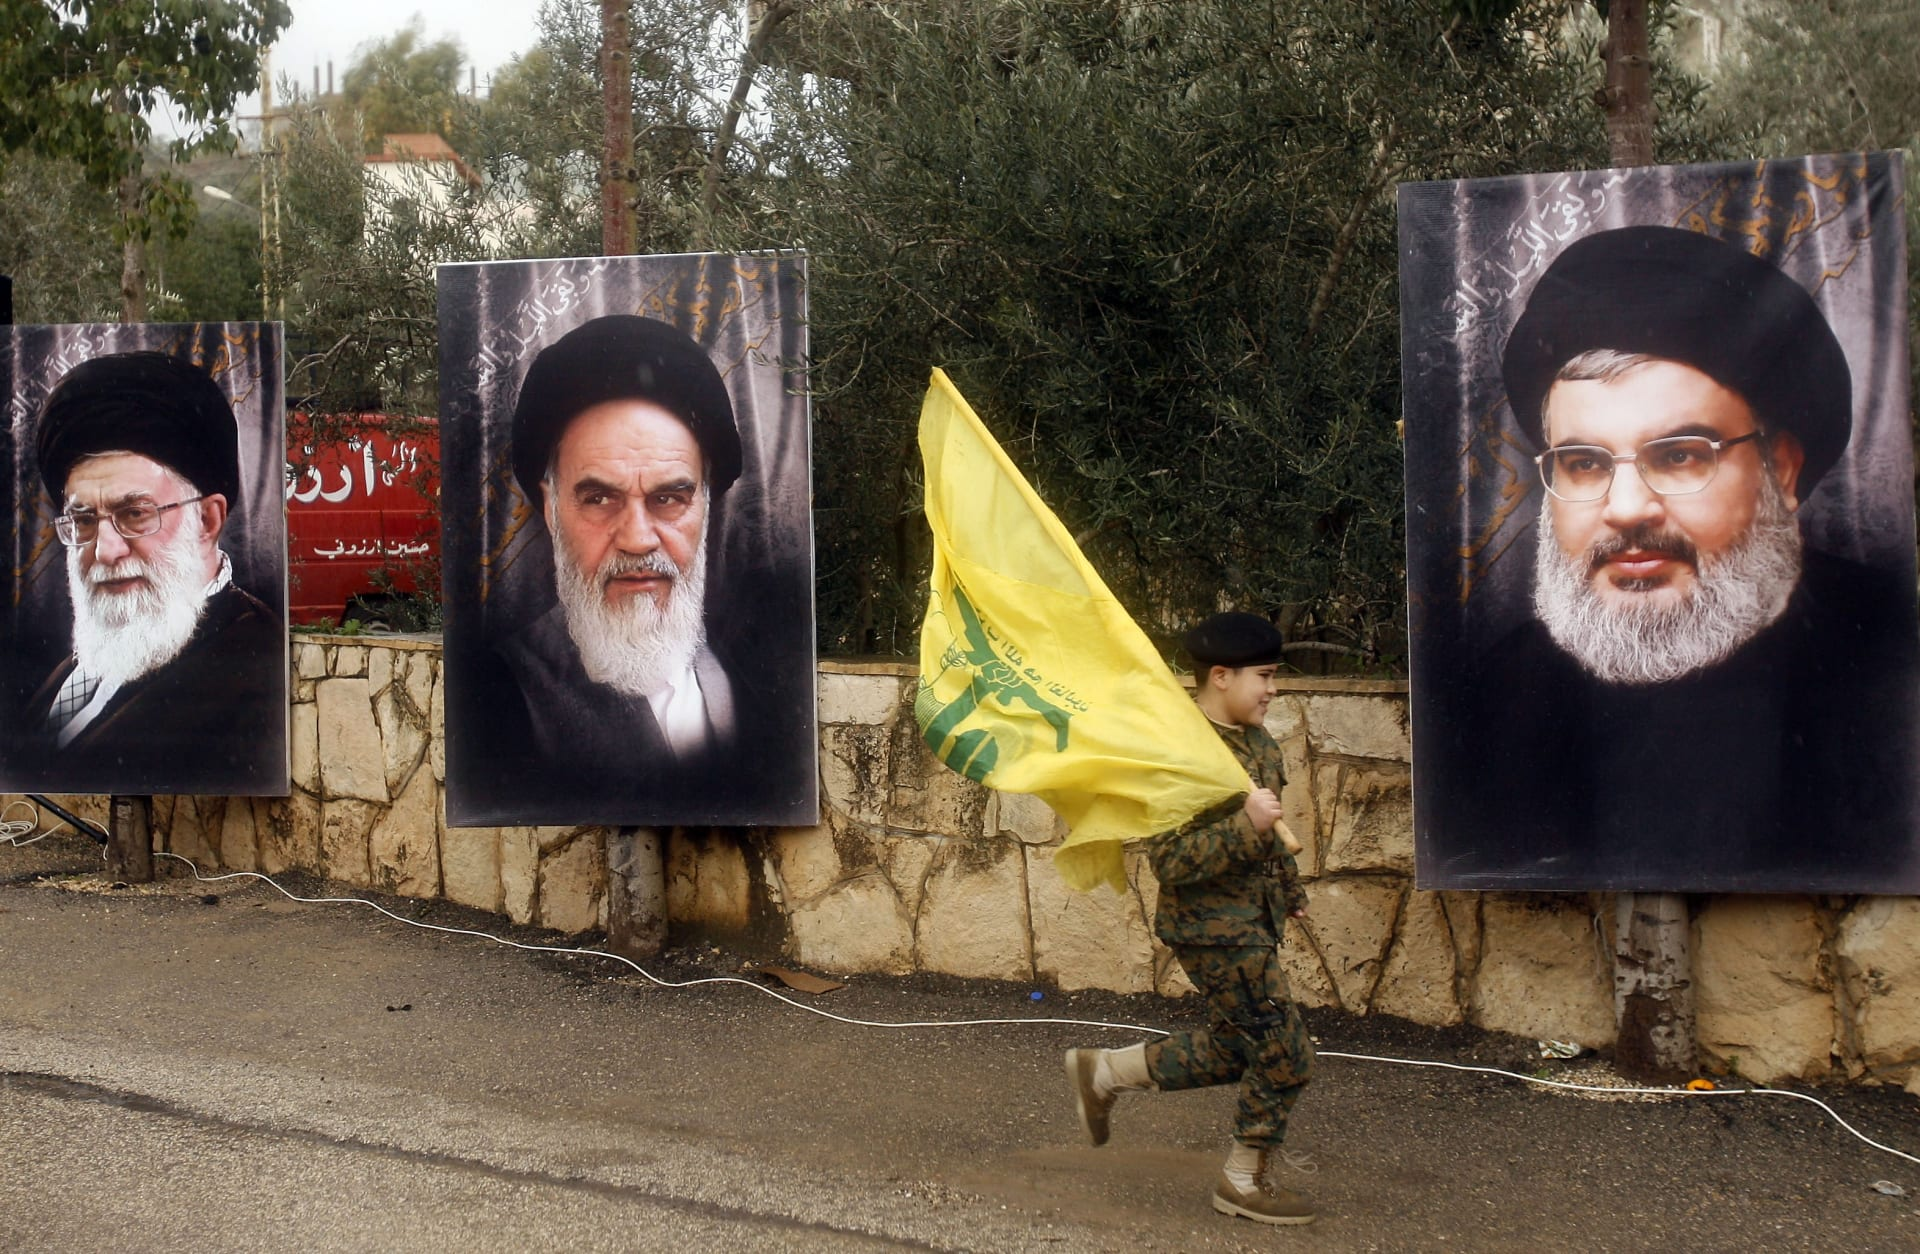 """نصرالله: استهداف إيران في الخليج مرتبط بـ""""صفقة القرن"""".. والبحرينيون يرفضون إقامة الورشة الاقتصادية على أرضهم"""